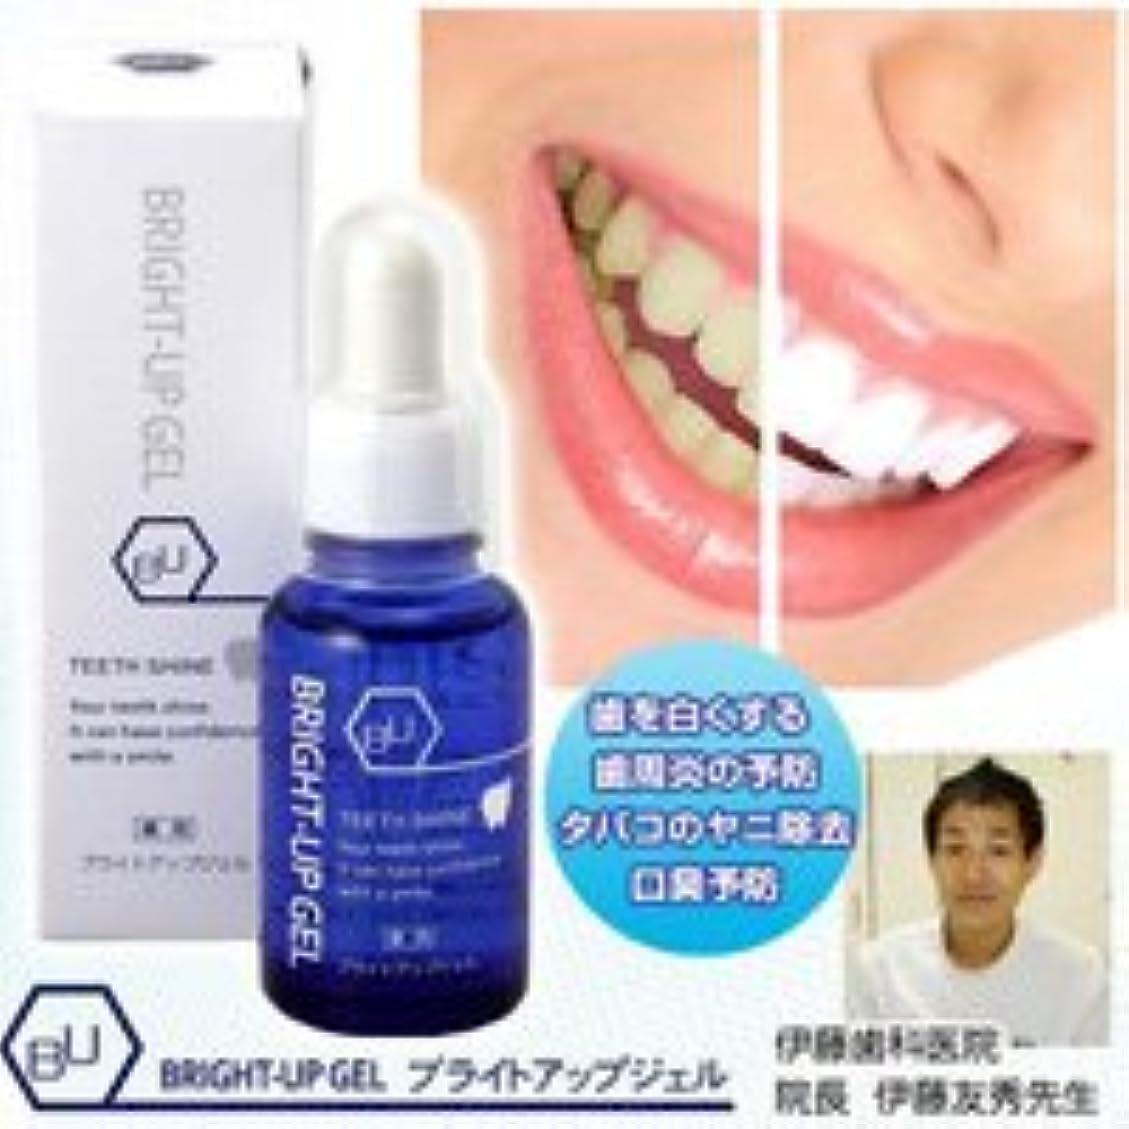 継続中フレット夢薬用ブライトアップジェル☆歯科医監修の4つの医薬部外品含有のホワイトニングジェル